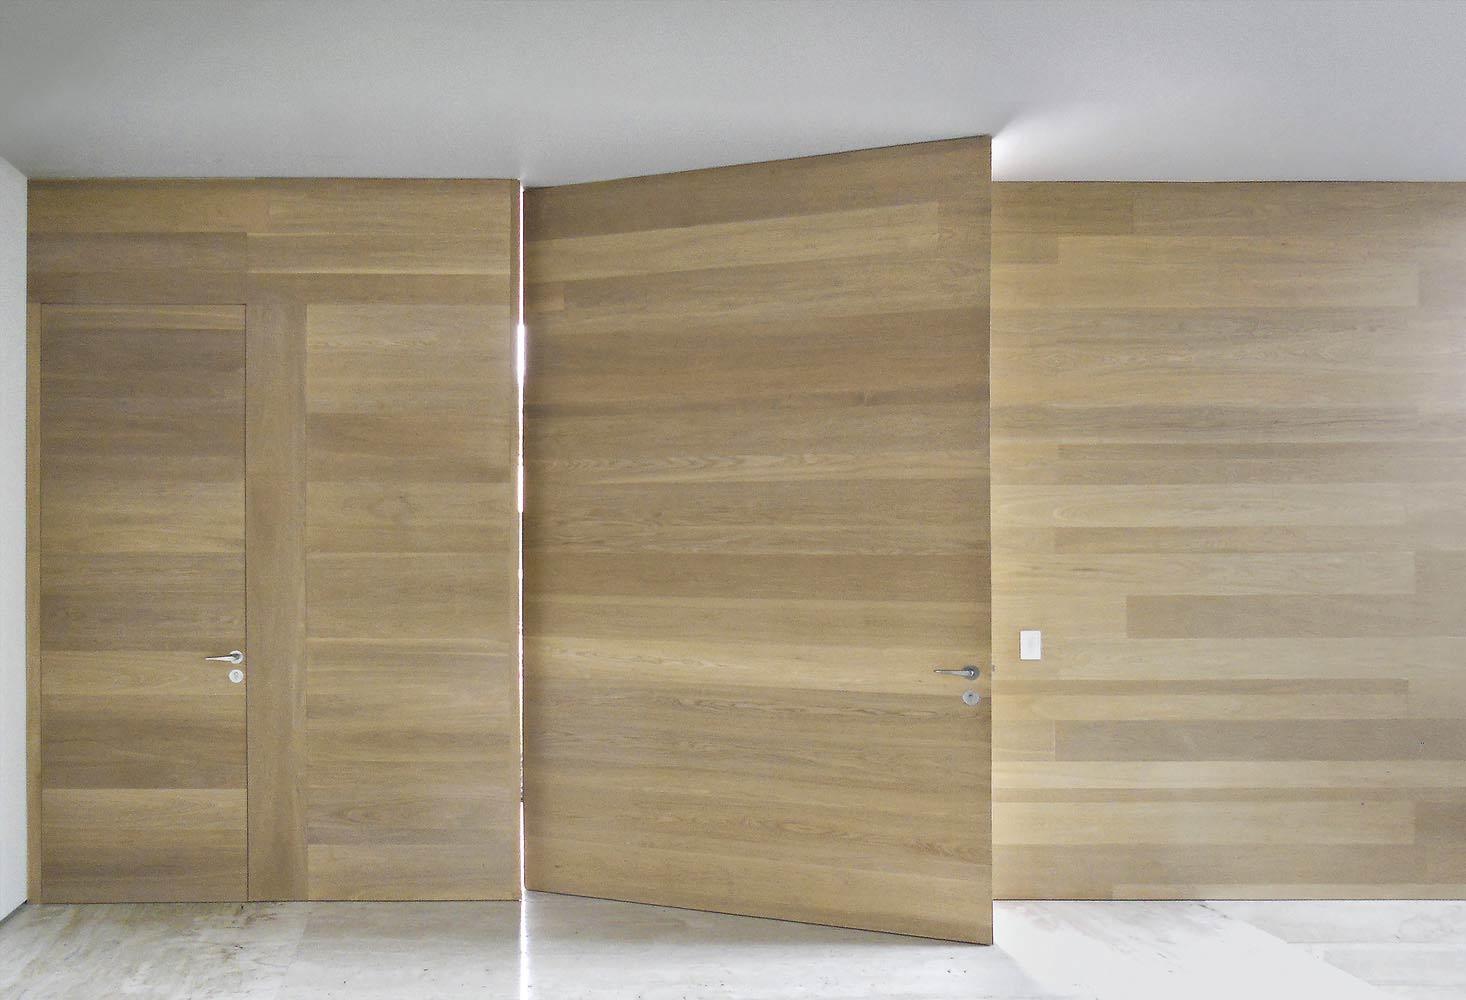 Oliato 099 Oak doors and wall